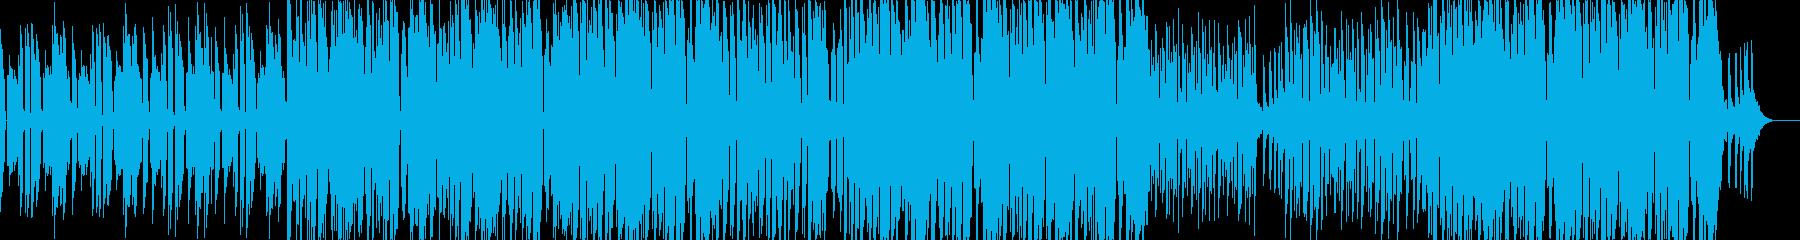 ベースラインのうねりとグルーヴ感により…の再生済みの波形